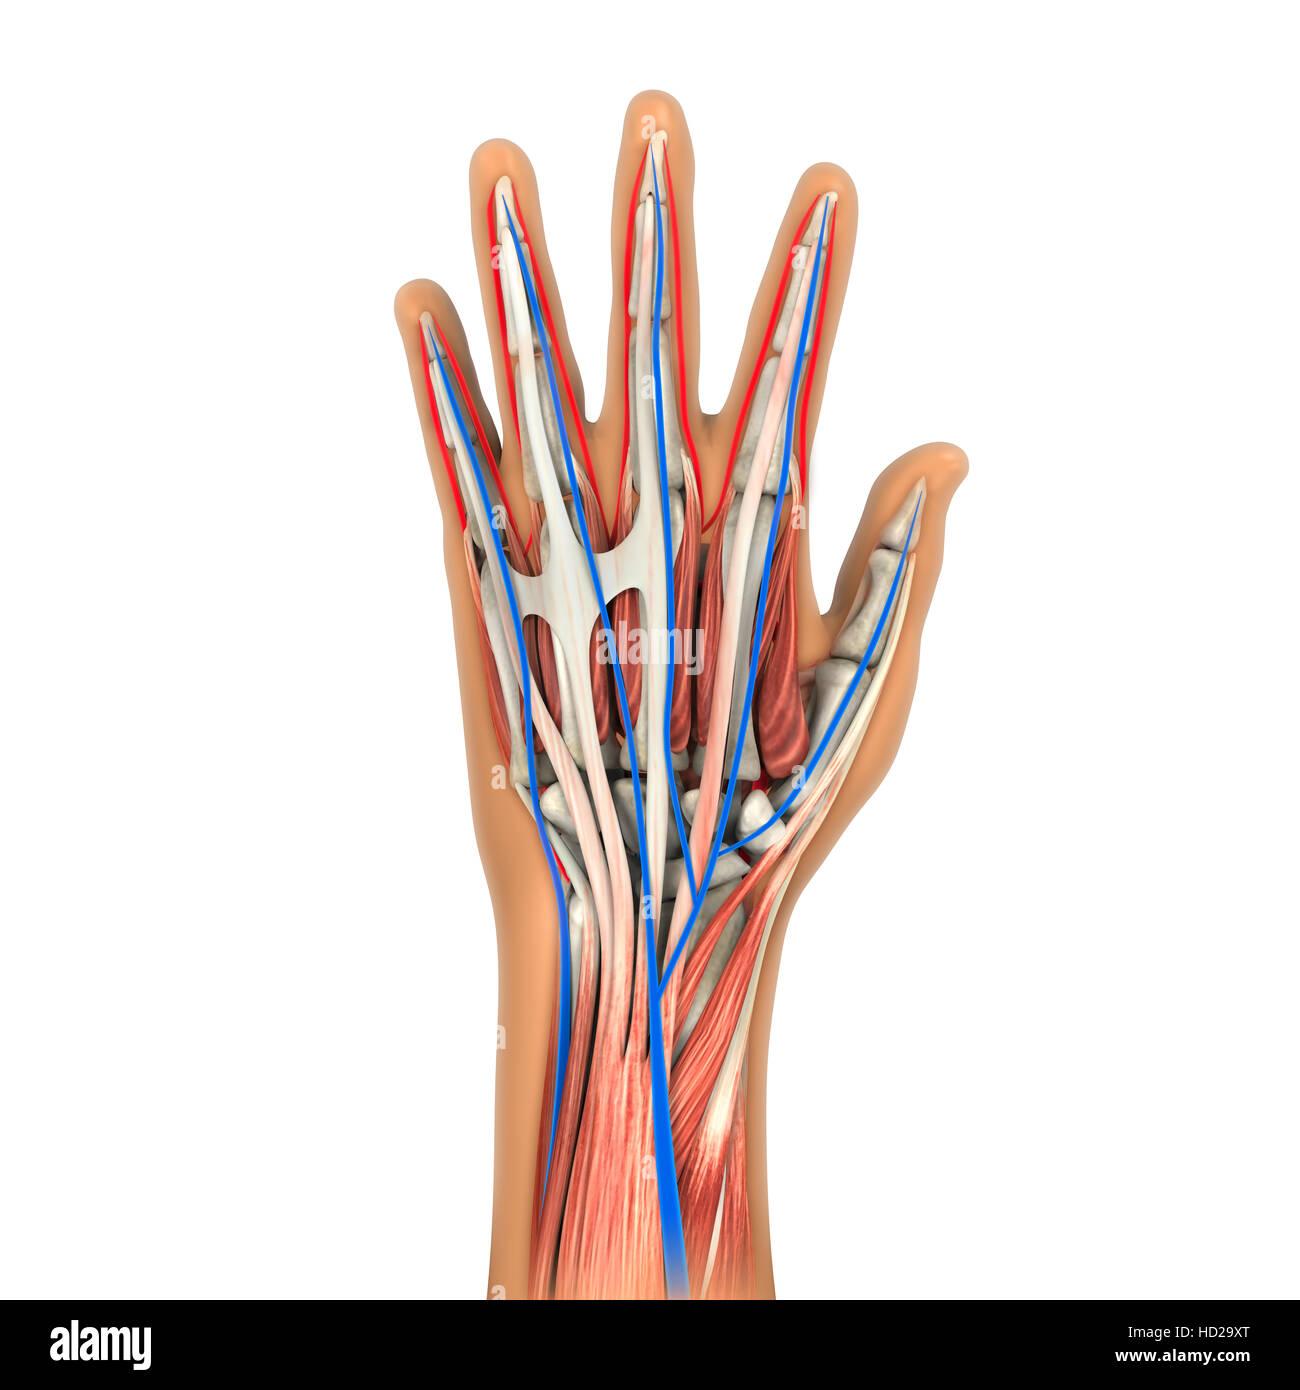 Anatomie der menschlichen Hand Stockfoto, Bild: 128514816 - Alamy